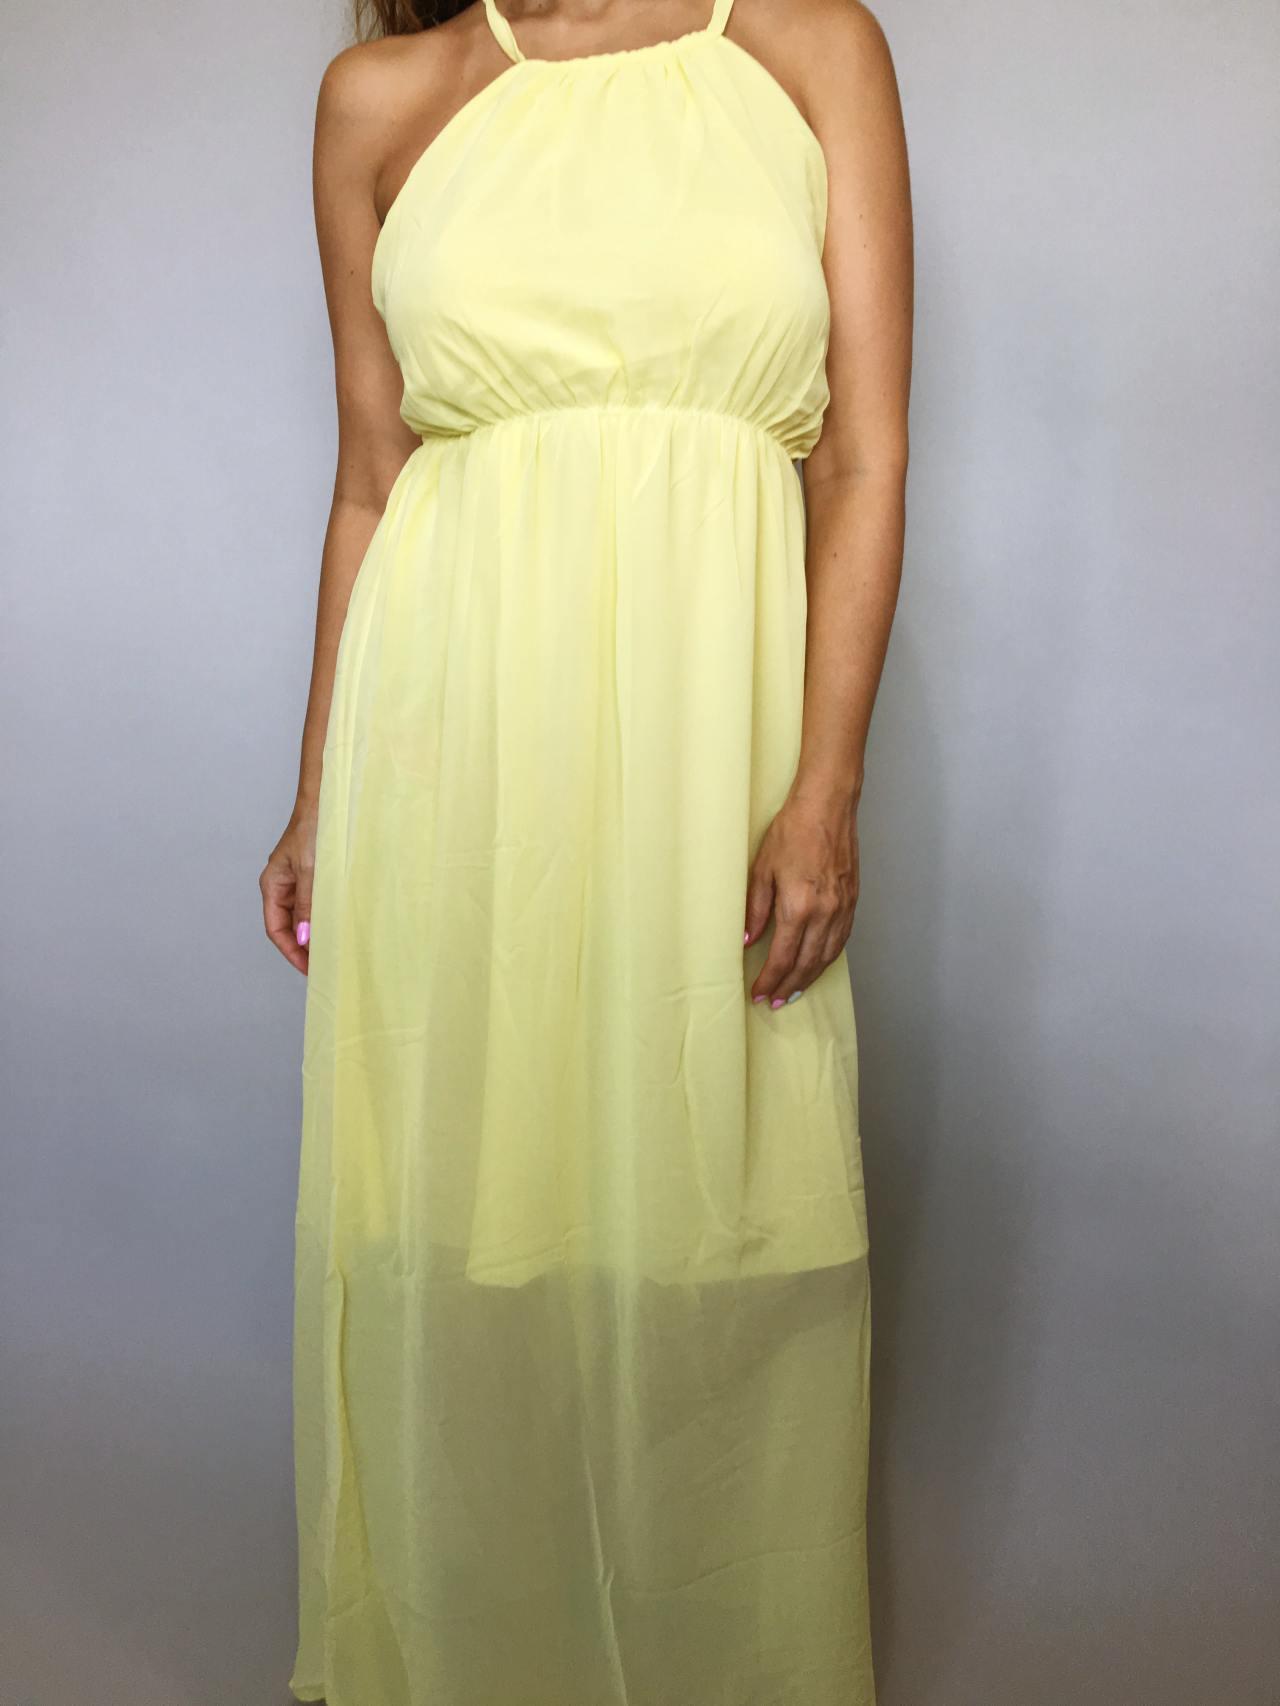 Šaty Sunny Day žluté 03